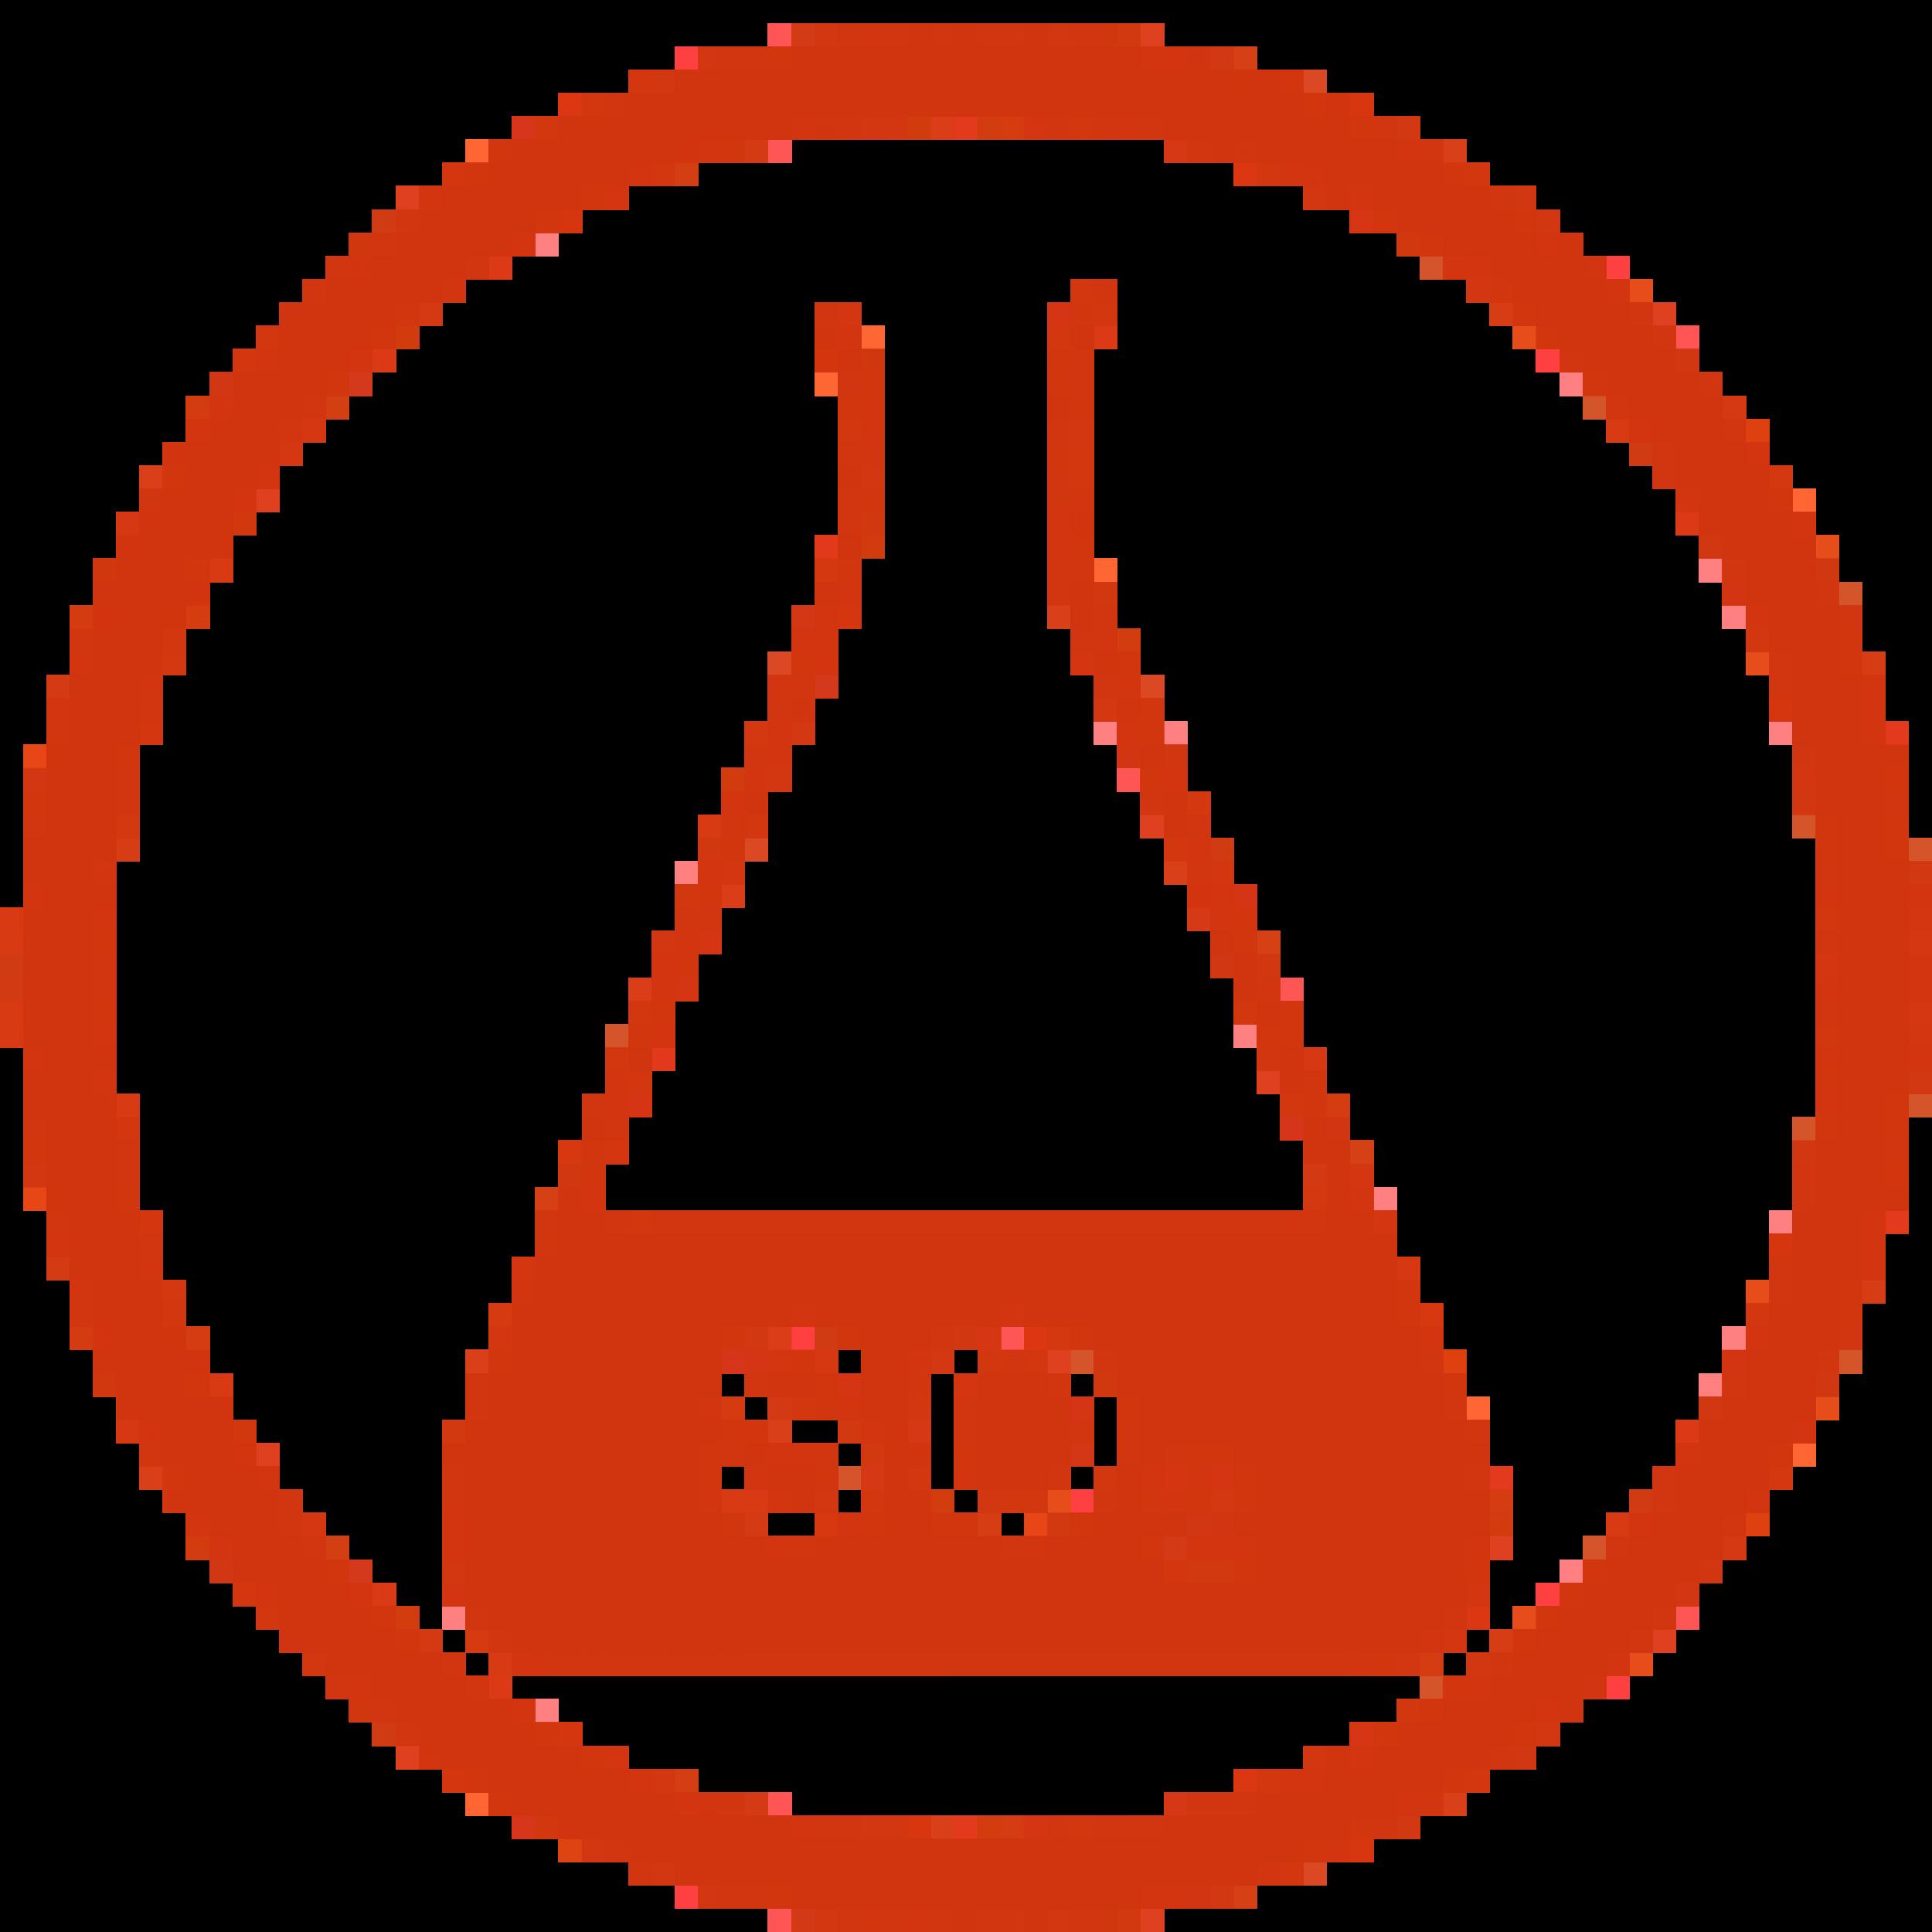 sulphurdioxide-red